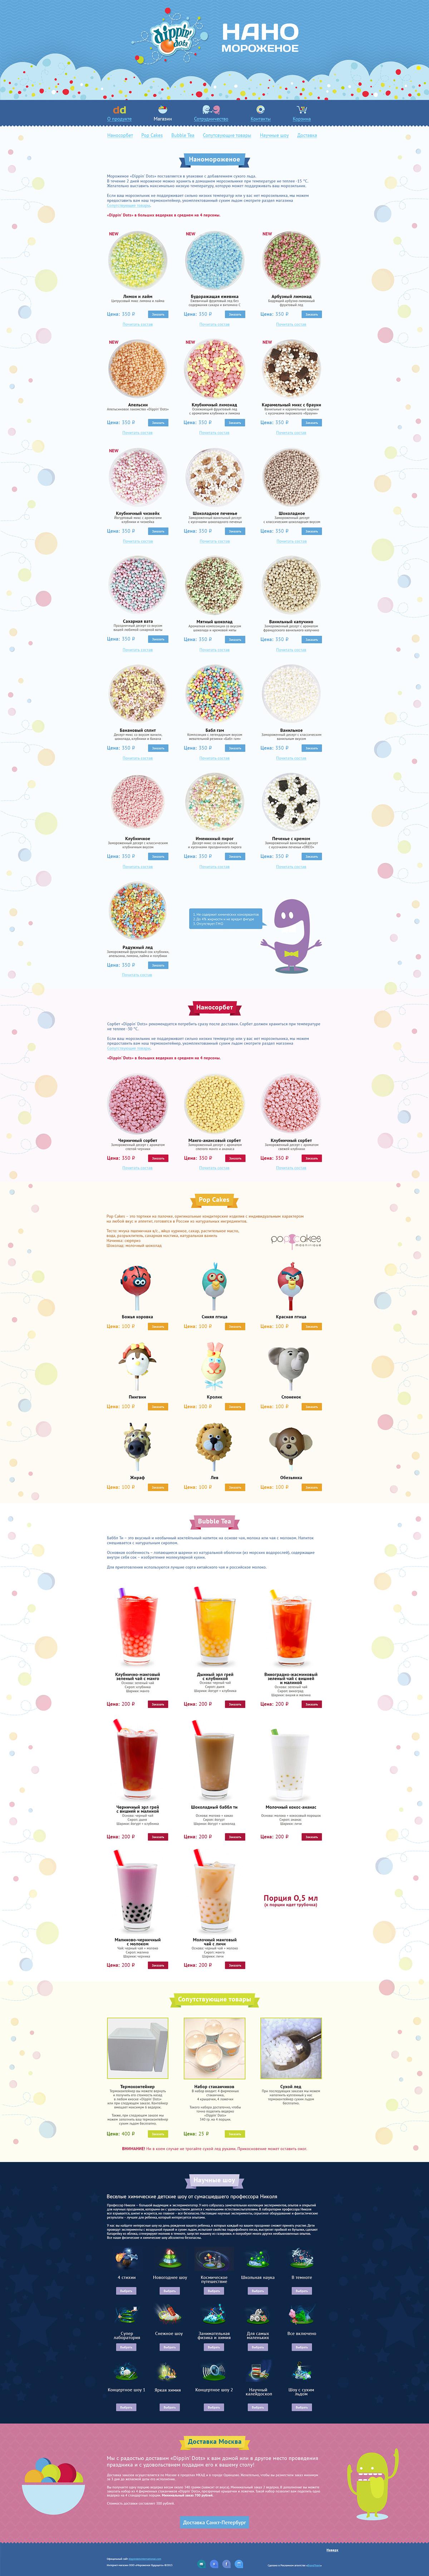 Разработка сайта для Dippin' Dots